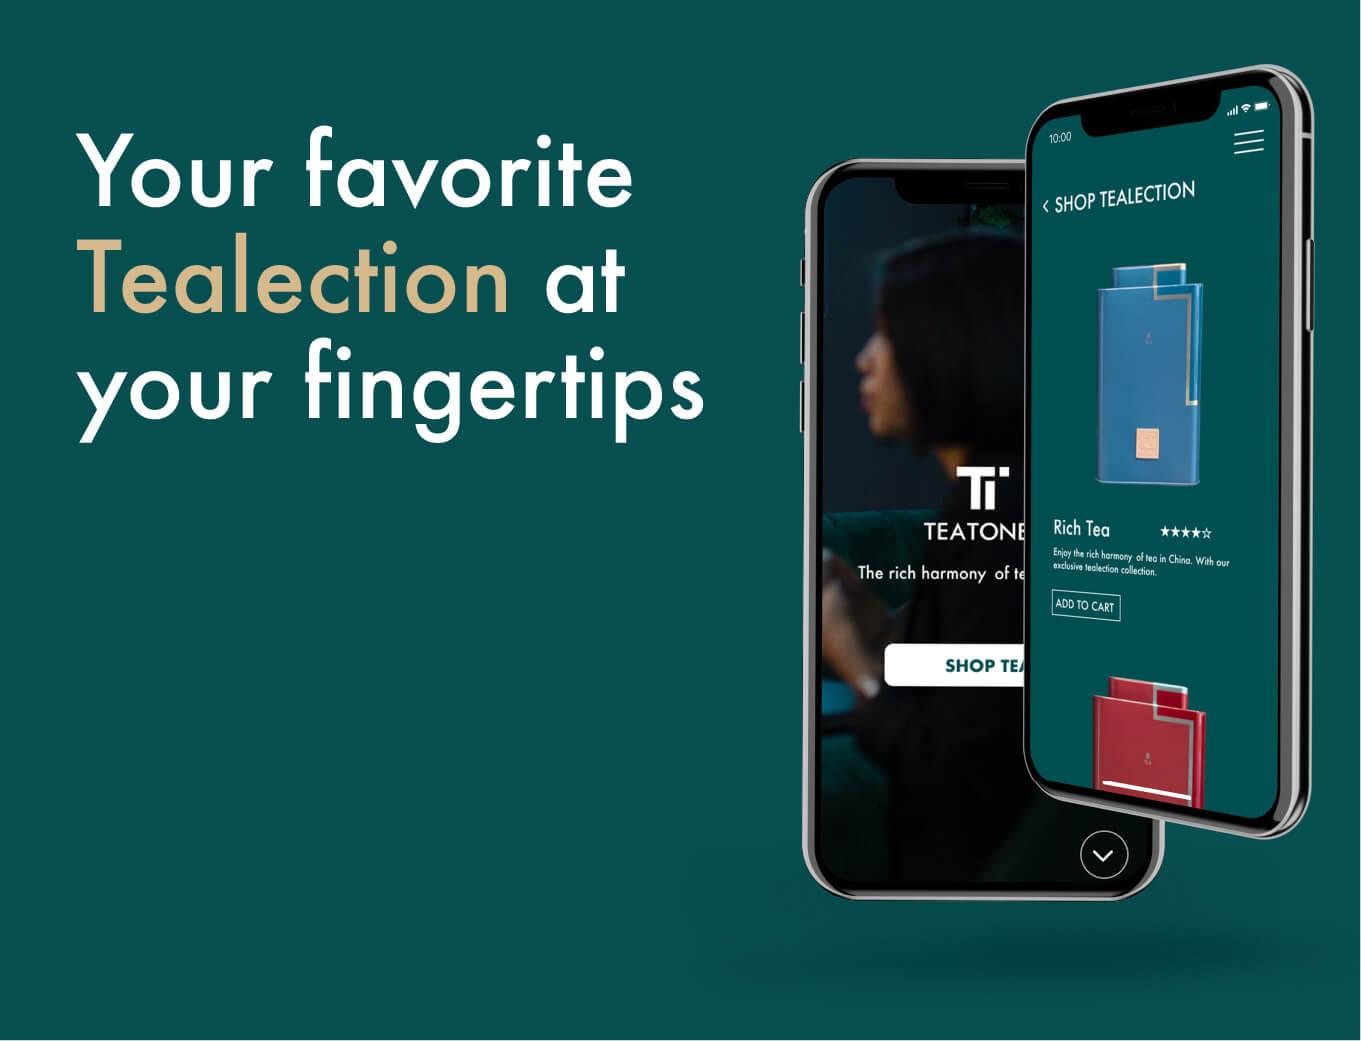 teatones retail chines shop mobile app activation